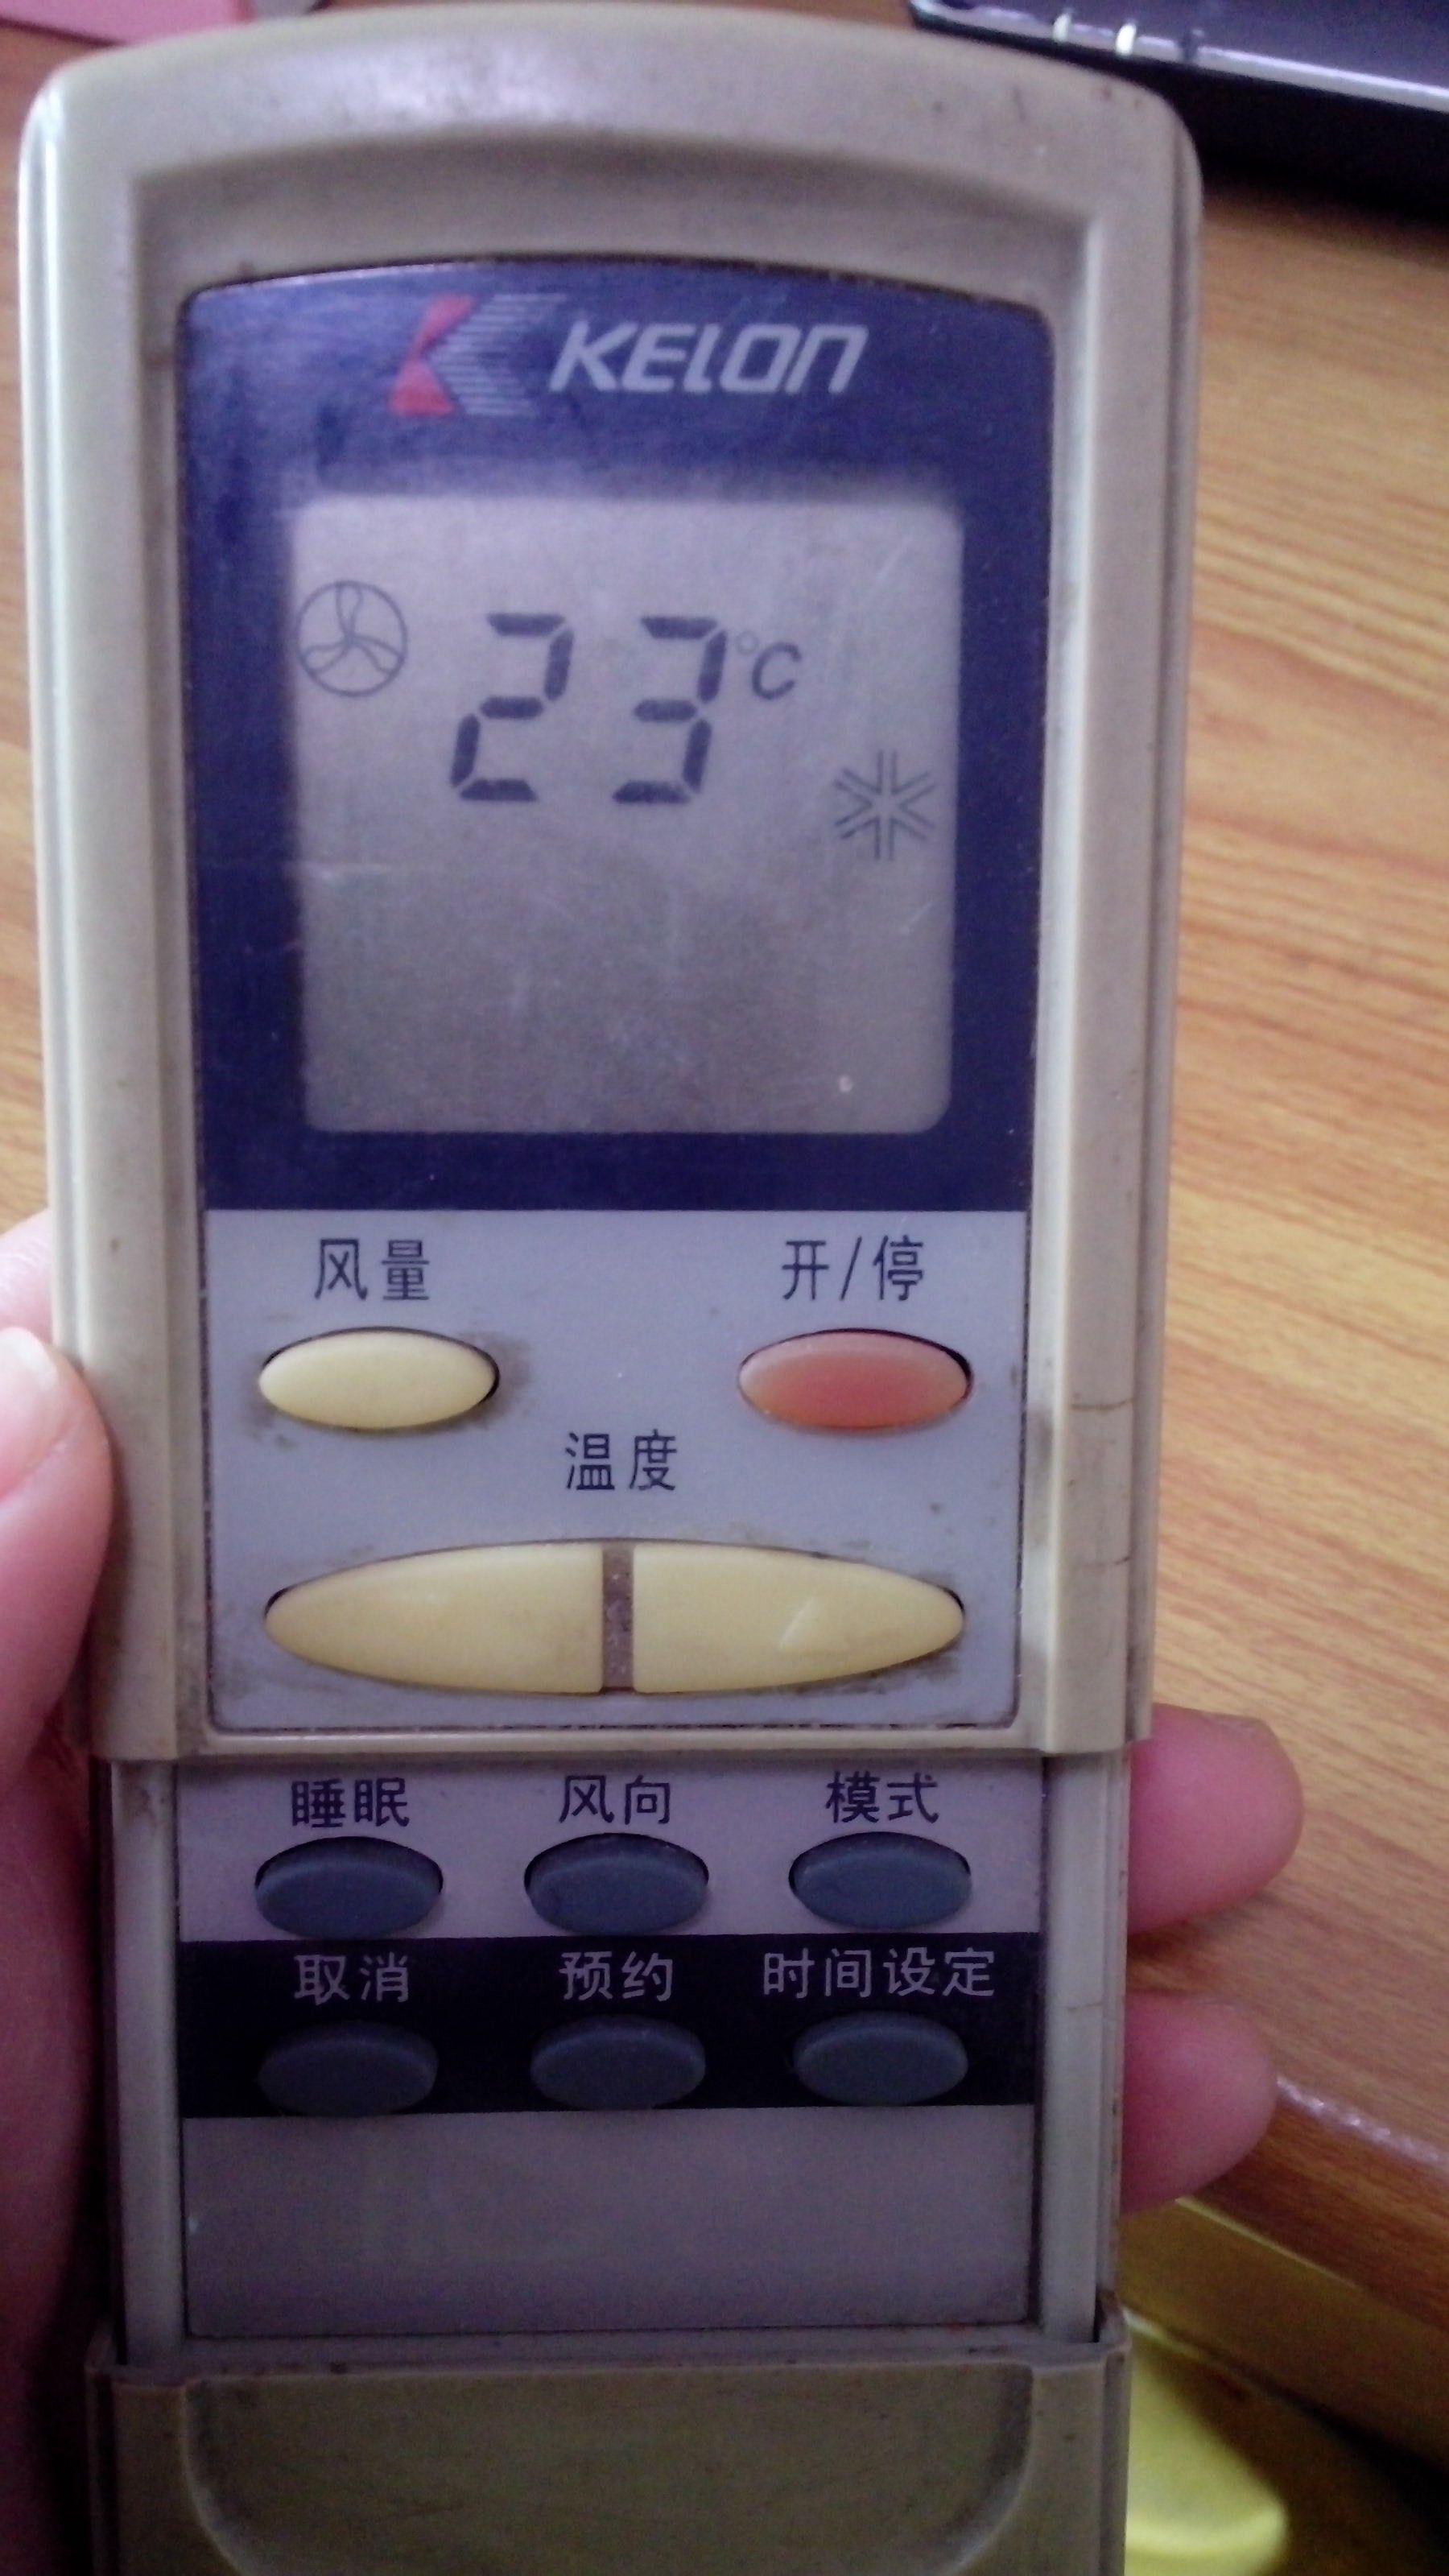 科龙空调遥控器没有小太阳图标,怎么调制热?_百度 ...